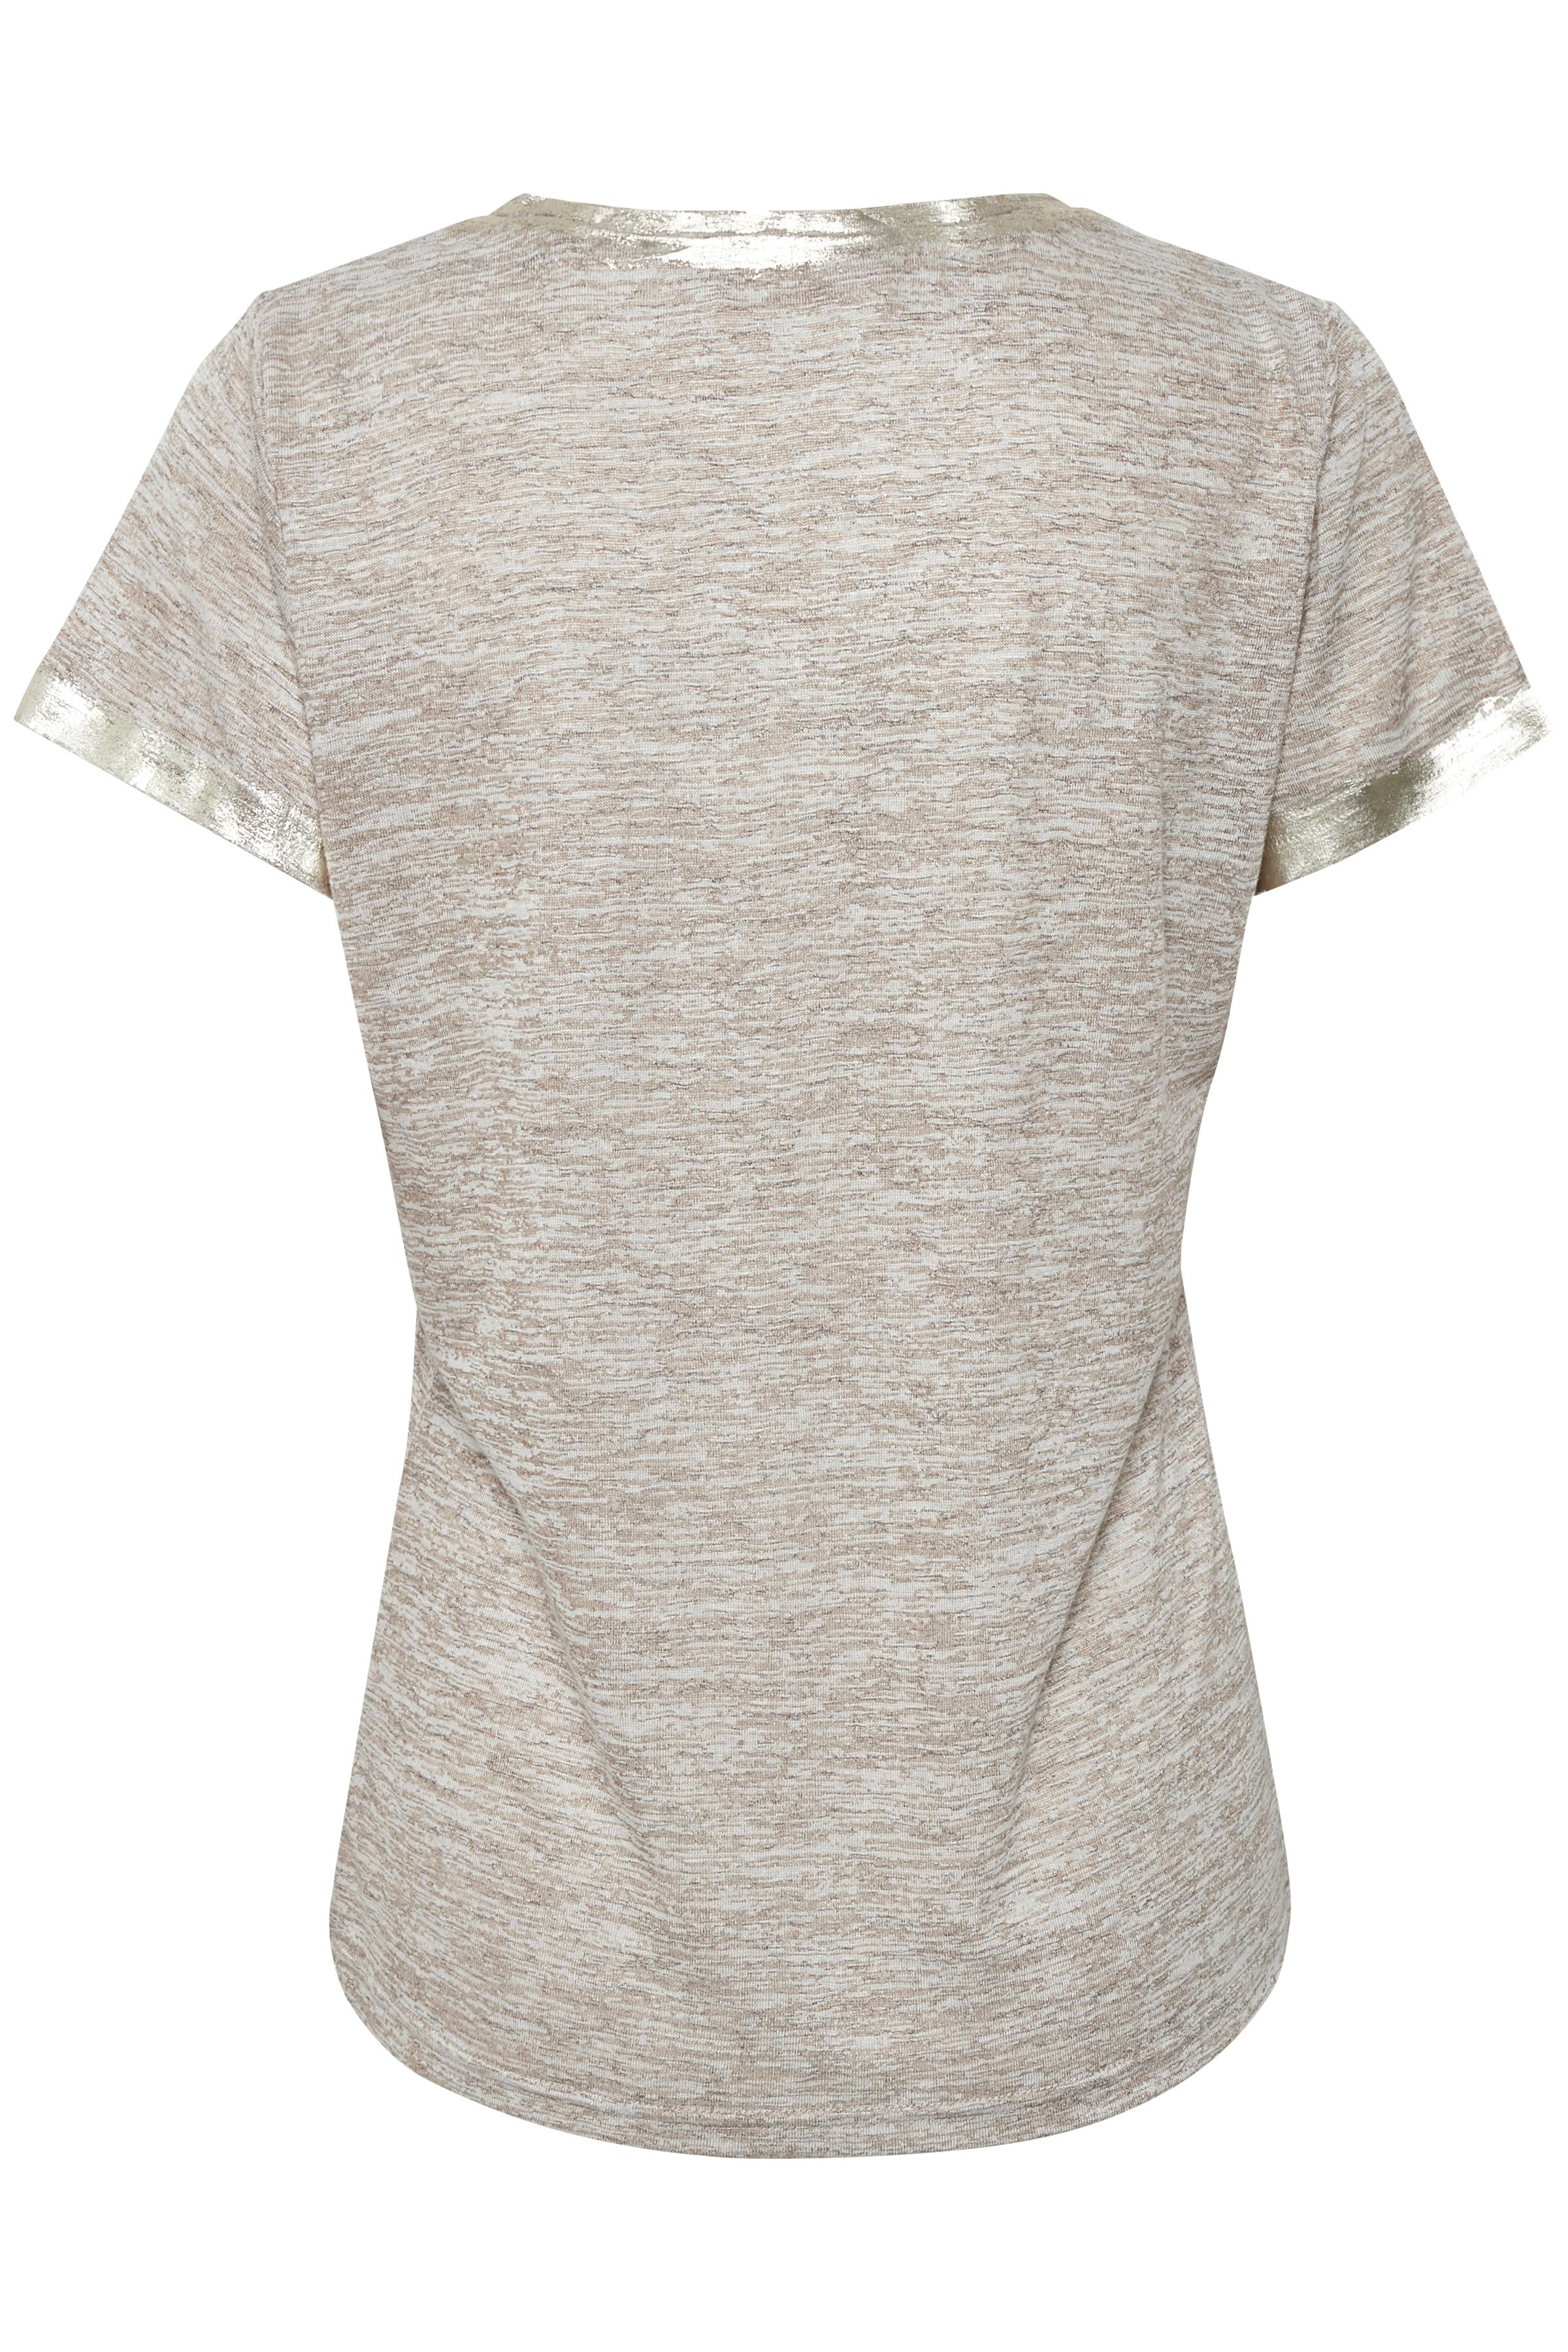 Sandmelerad Kortärmad T-shirt från Cream – Köp Sandmelerad Kortärmad T-shirt från stl. XS-XXL här